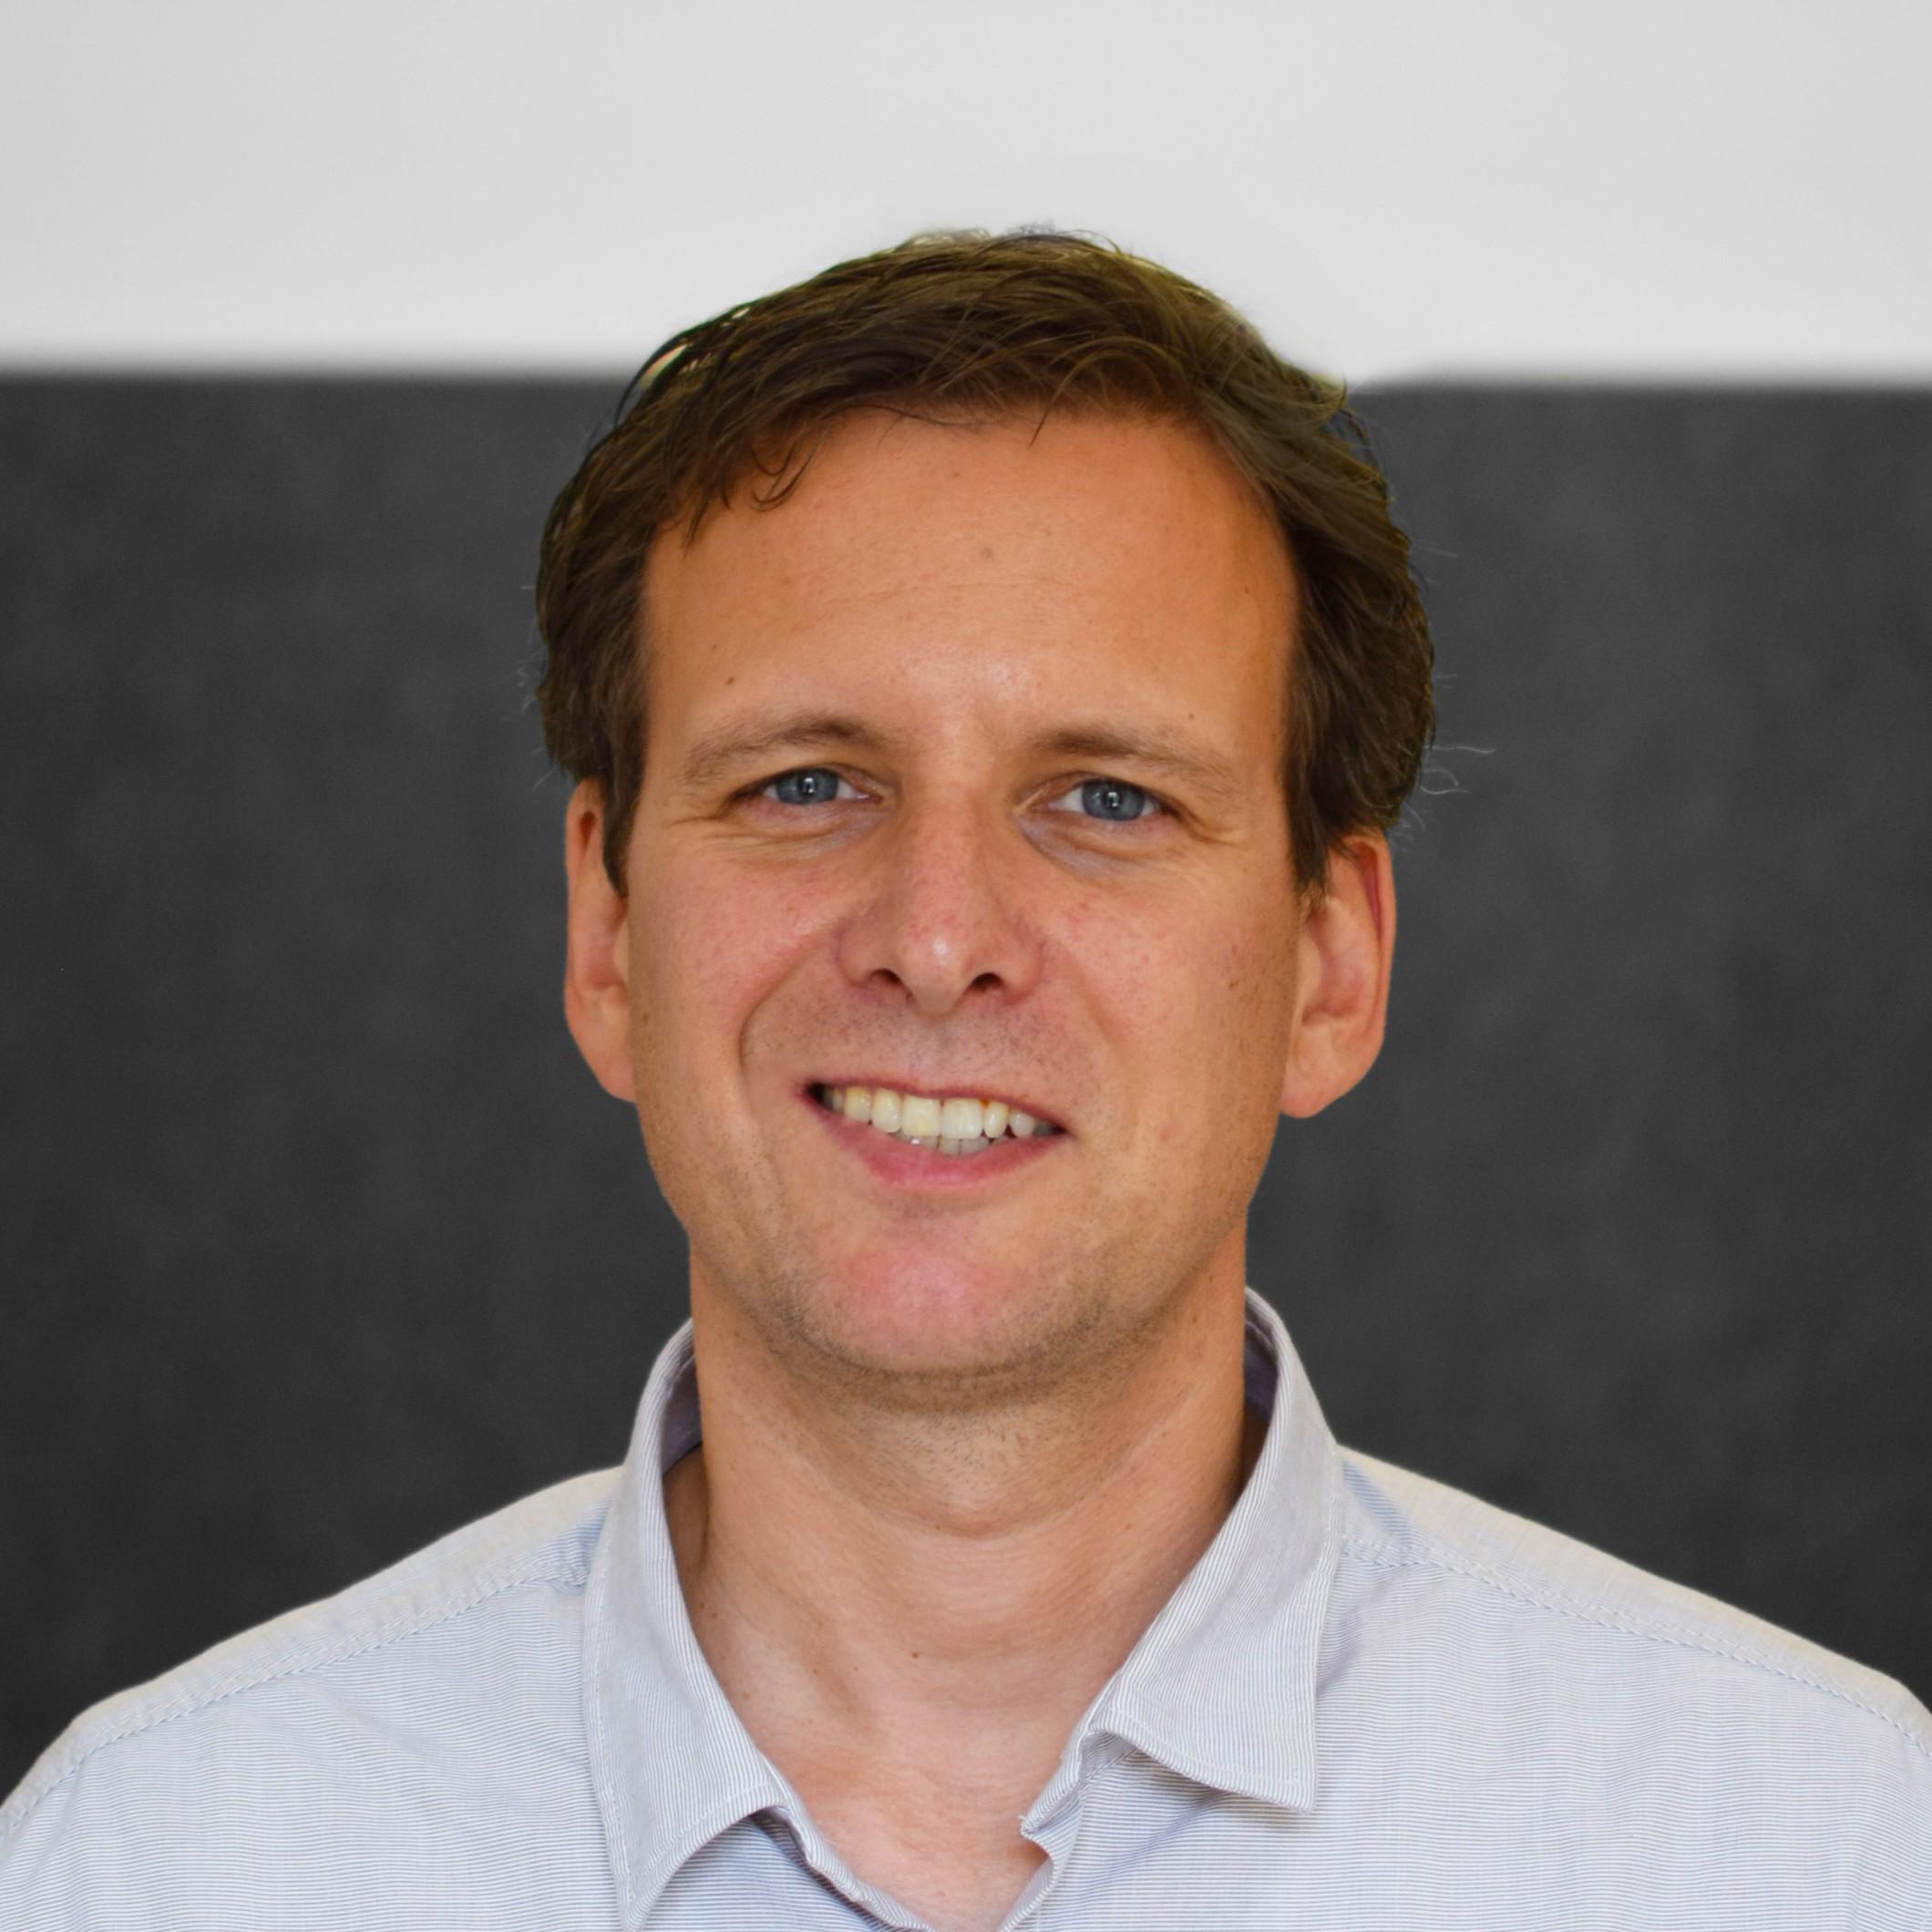 Patrick Weissert